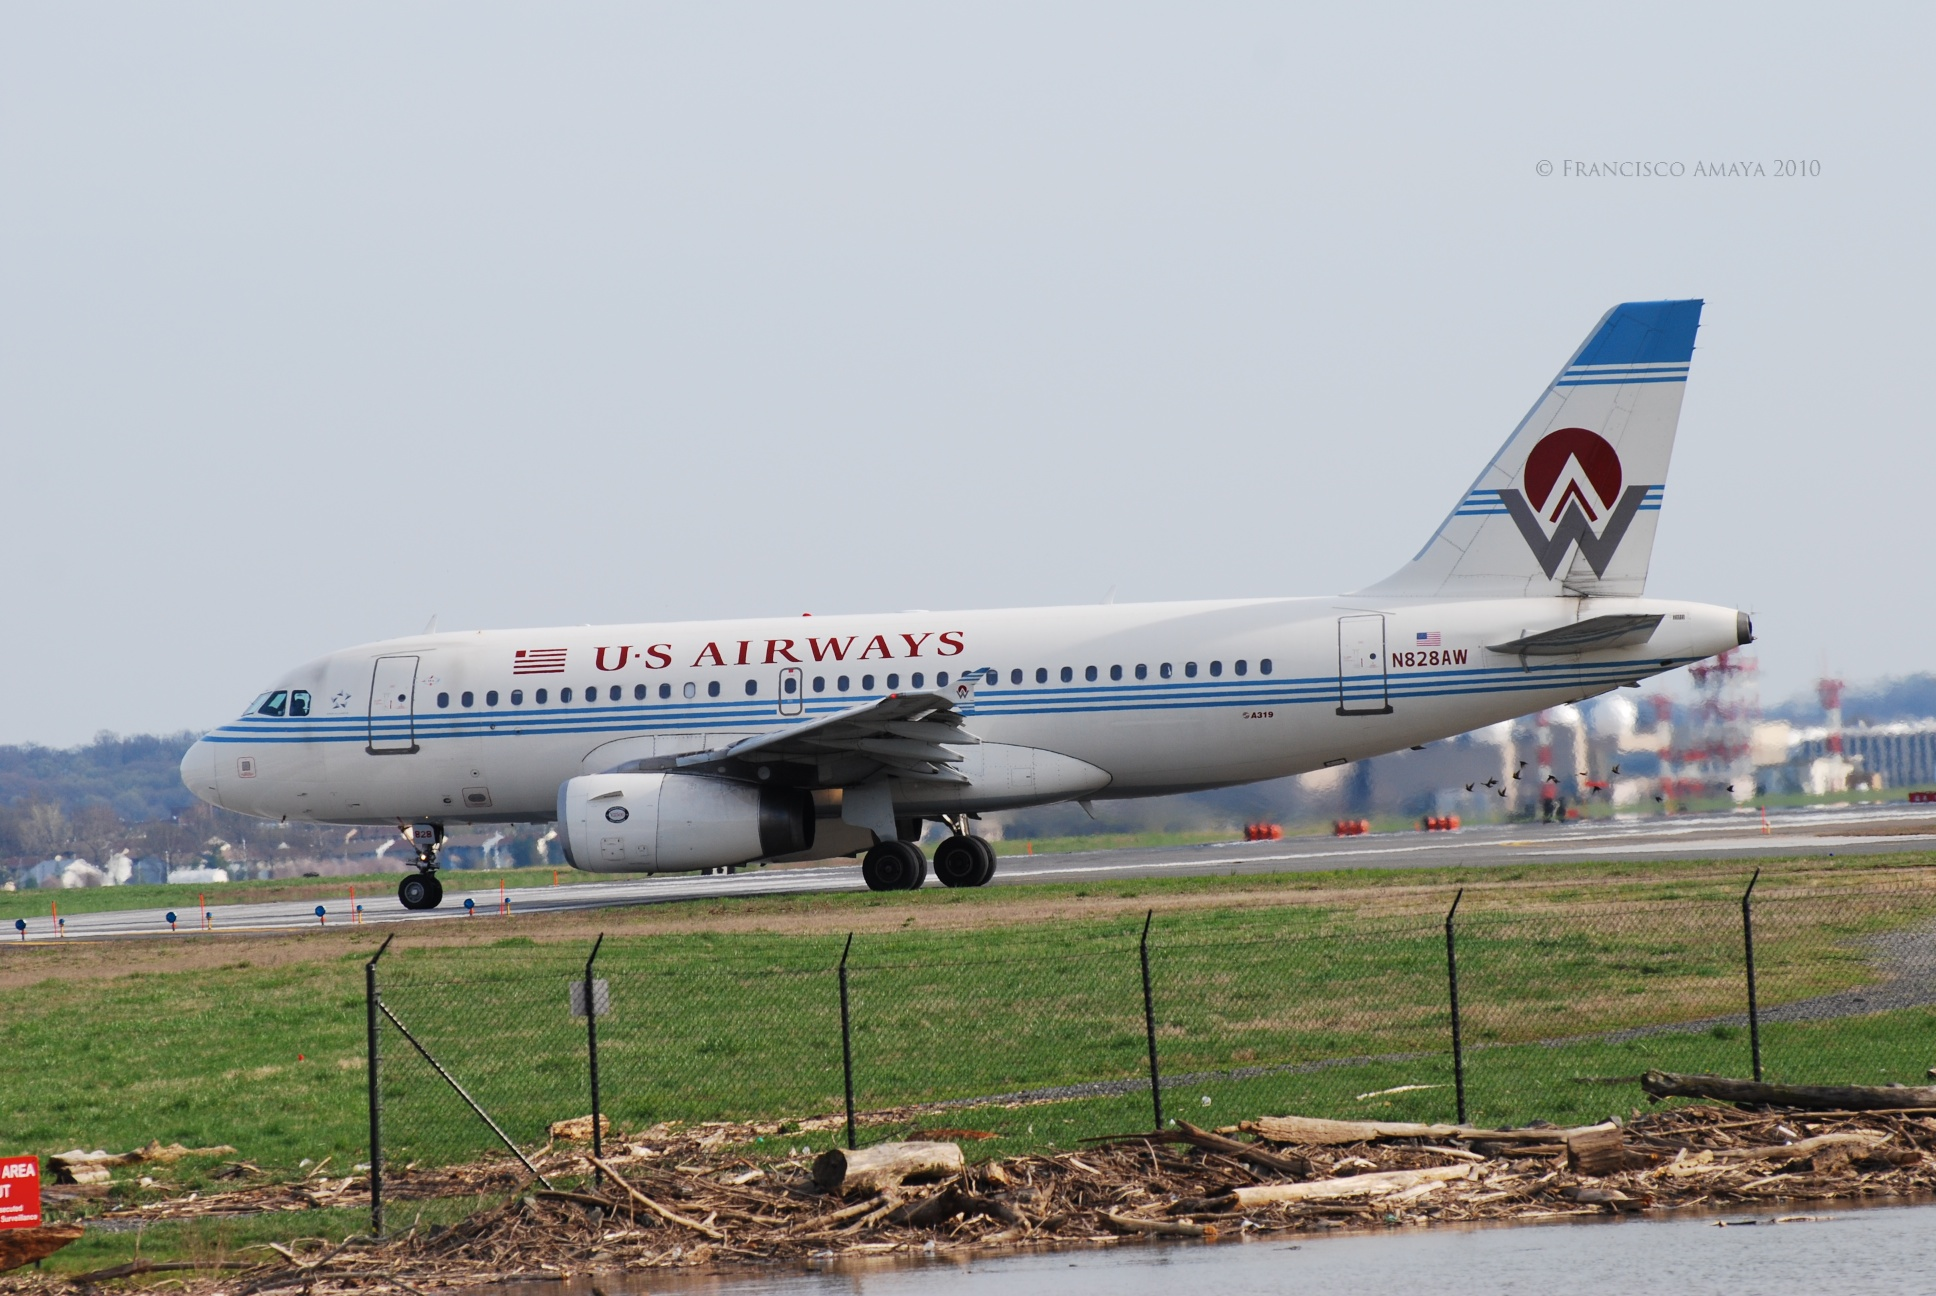 US Airways A319-132 (N828AW)